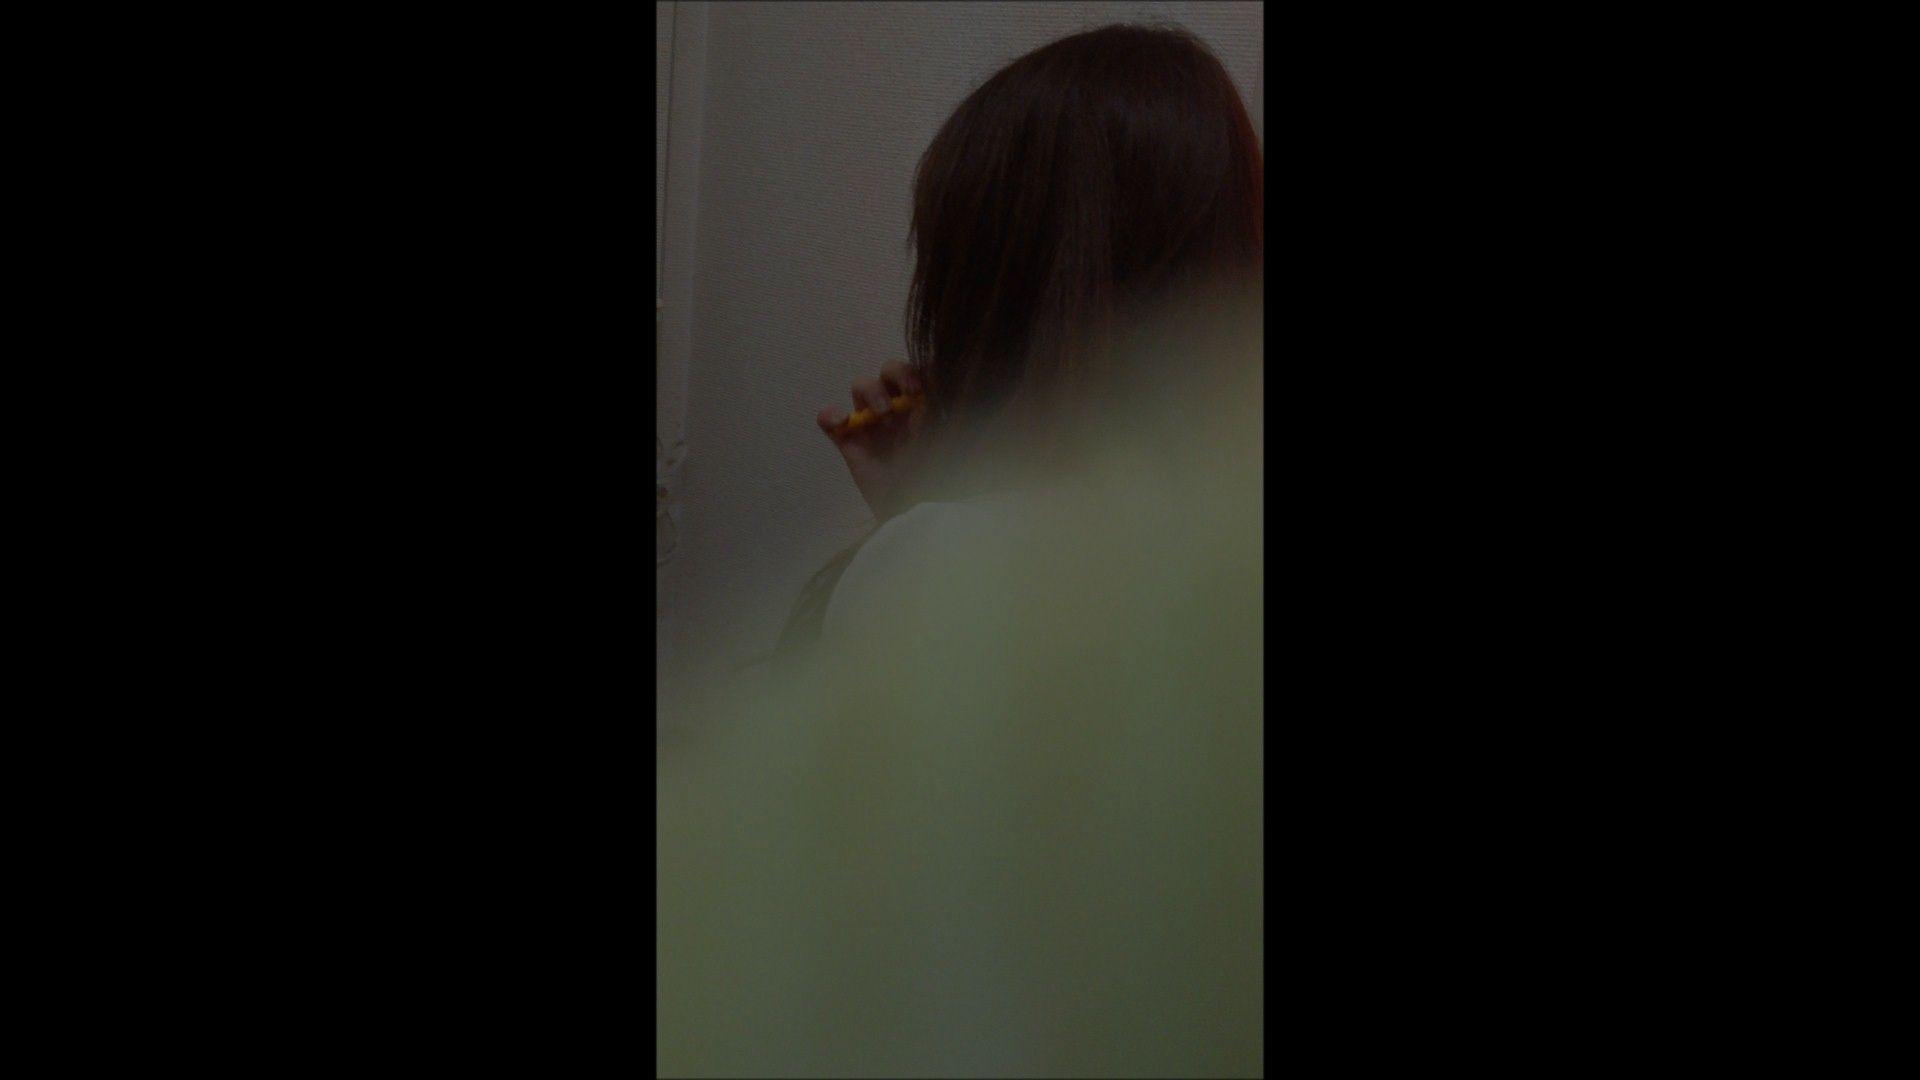 おまんこ丸見え:08(8日目)メイク中の彼女の顔を撮りました!:大奥